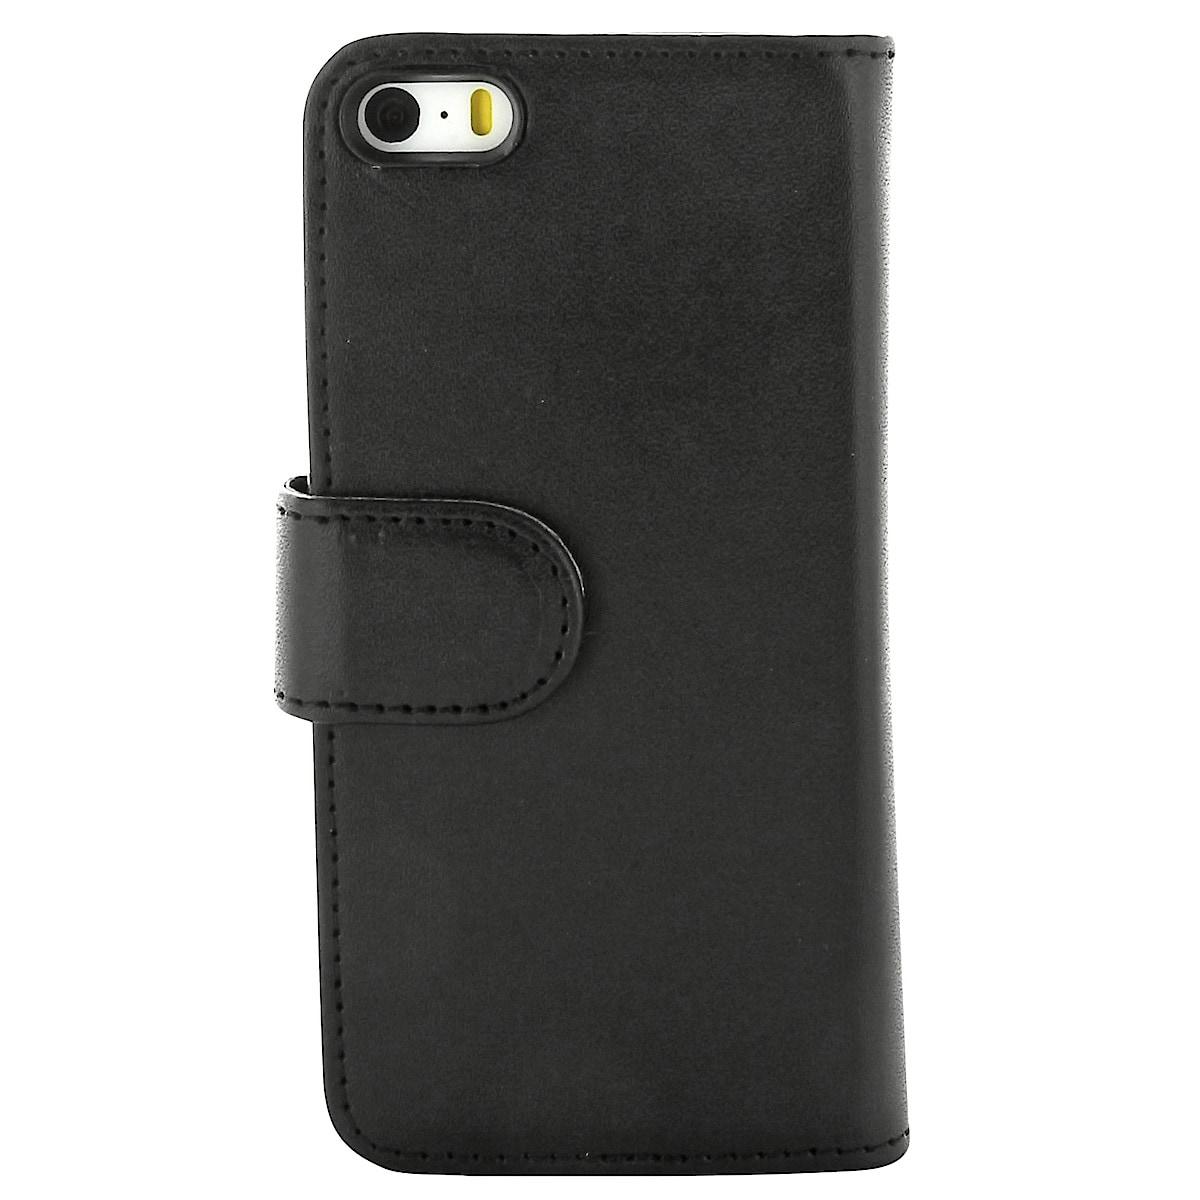 Taschenportemonnaie für iPhone 5/5S/SE, Holdit